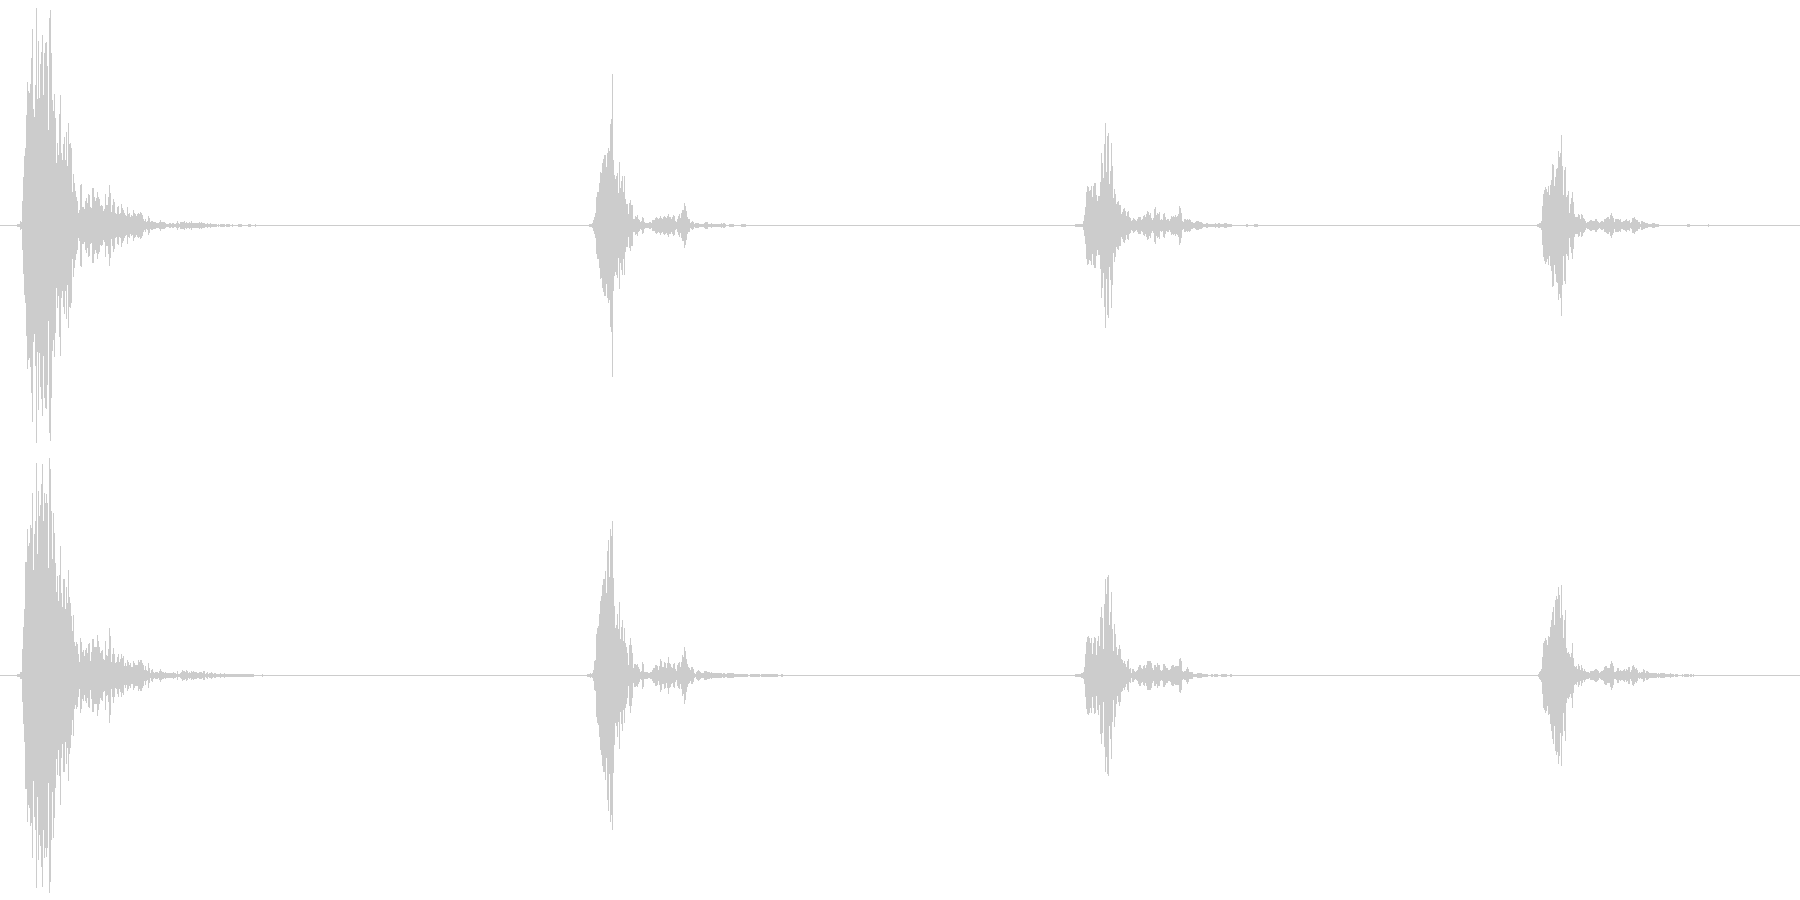 鳥のさえずり (チュウ、チ、チ、チ) の未再生の波形